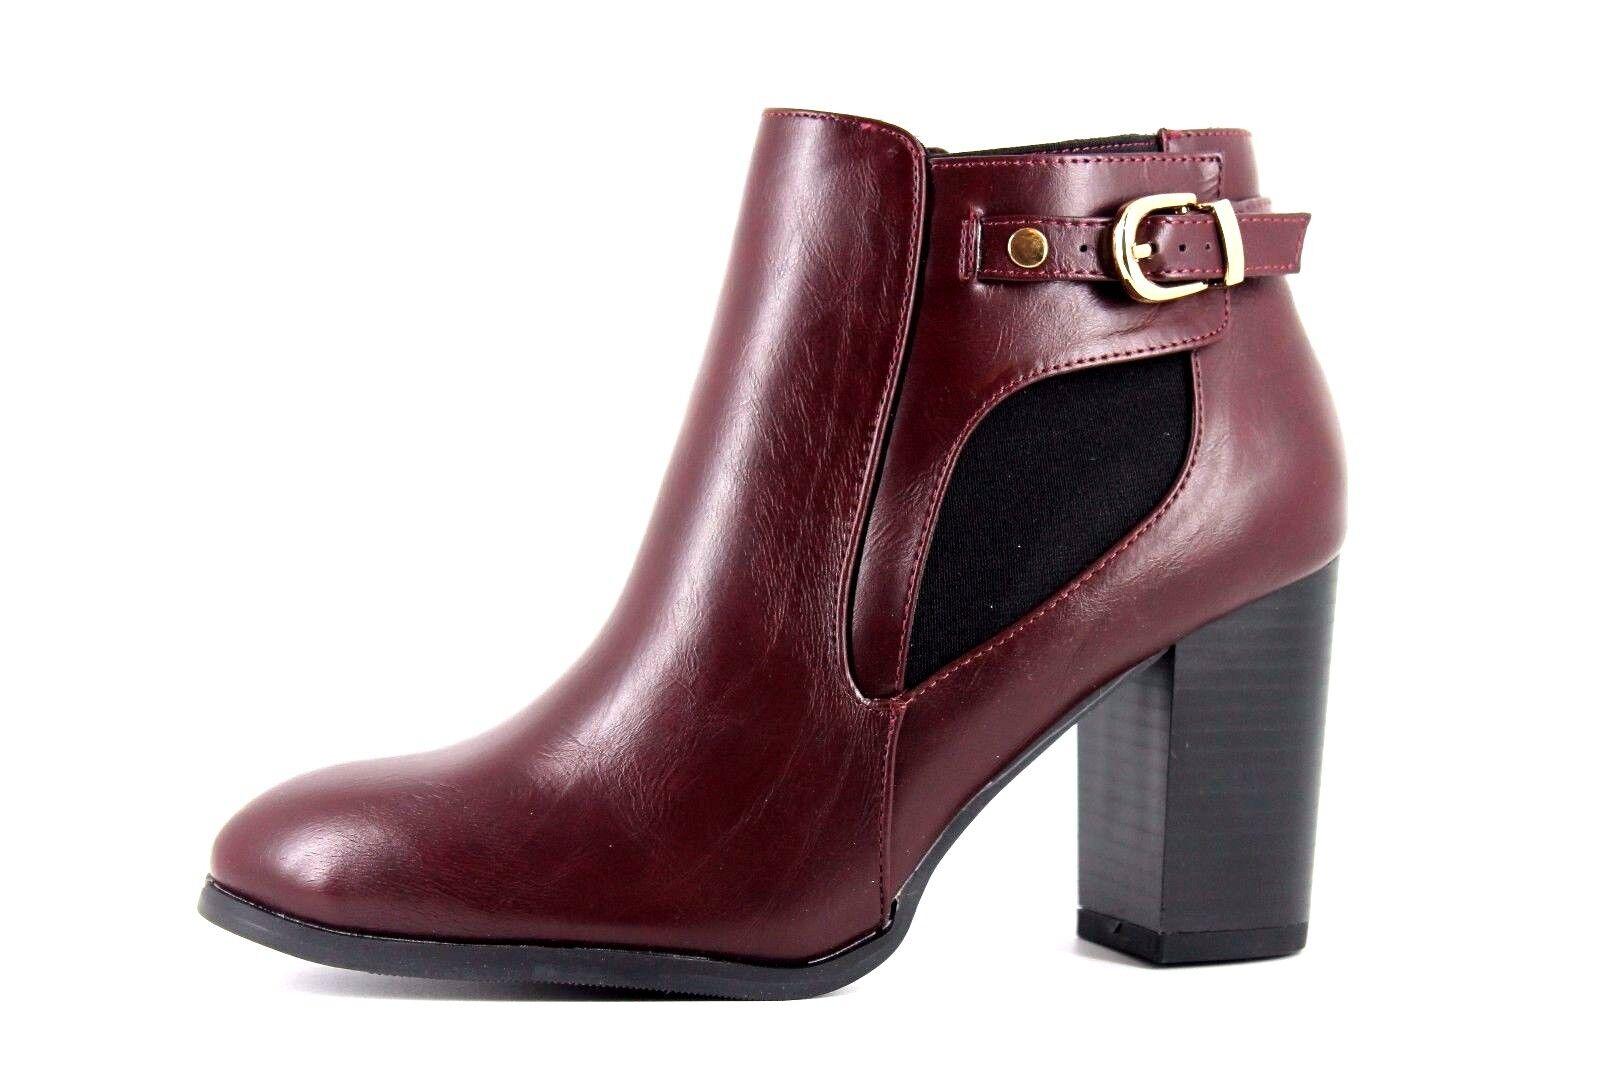 Wallis Aaliyah para Mujer UK 6 EU EU EU 39 vino tinto Imitación Cuero Cremallera botas al Tobillo Tacón Alto  envío gratis